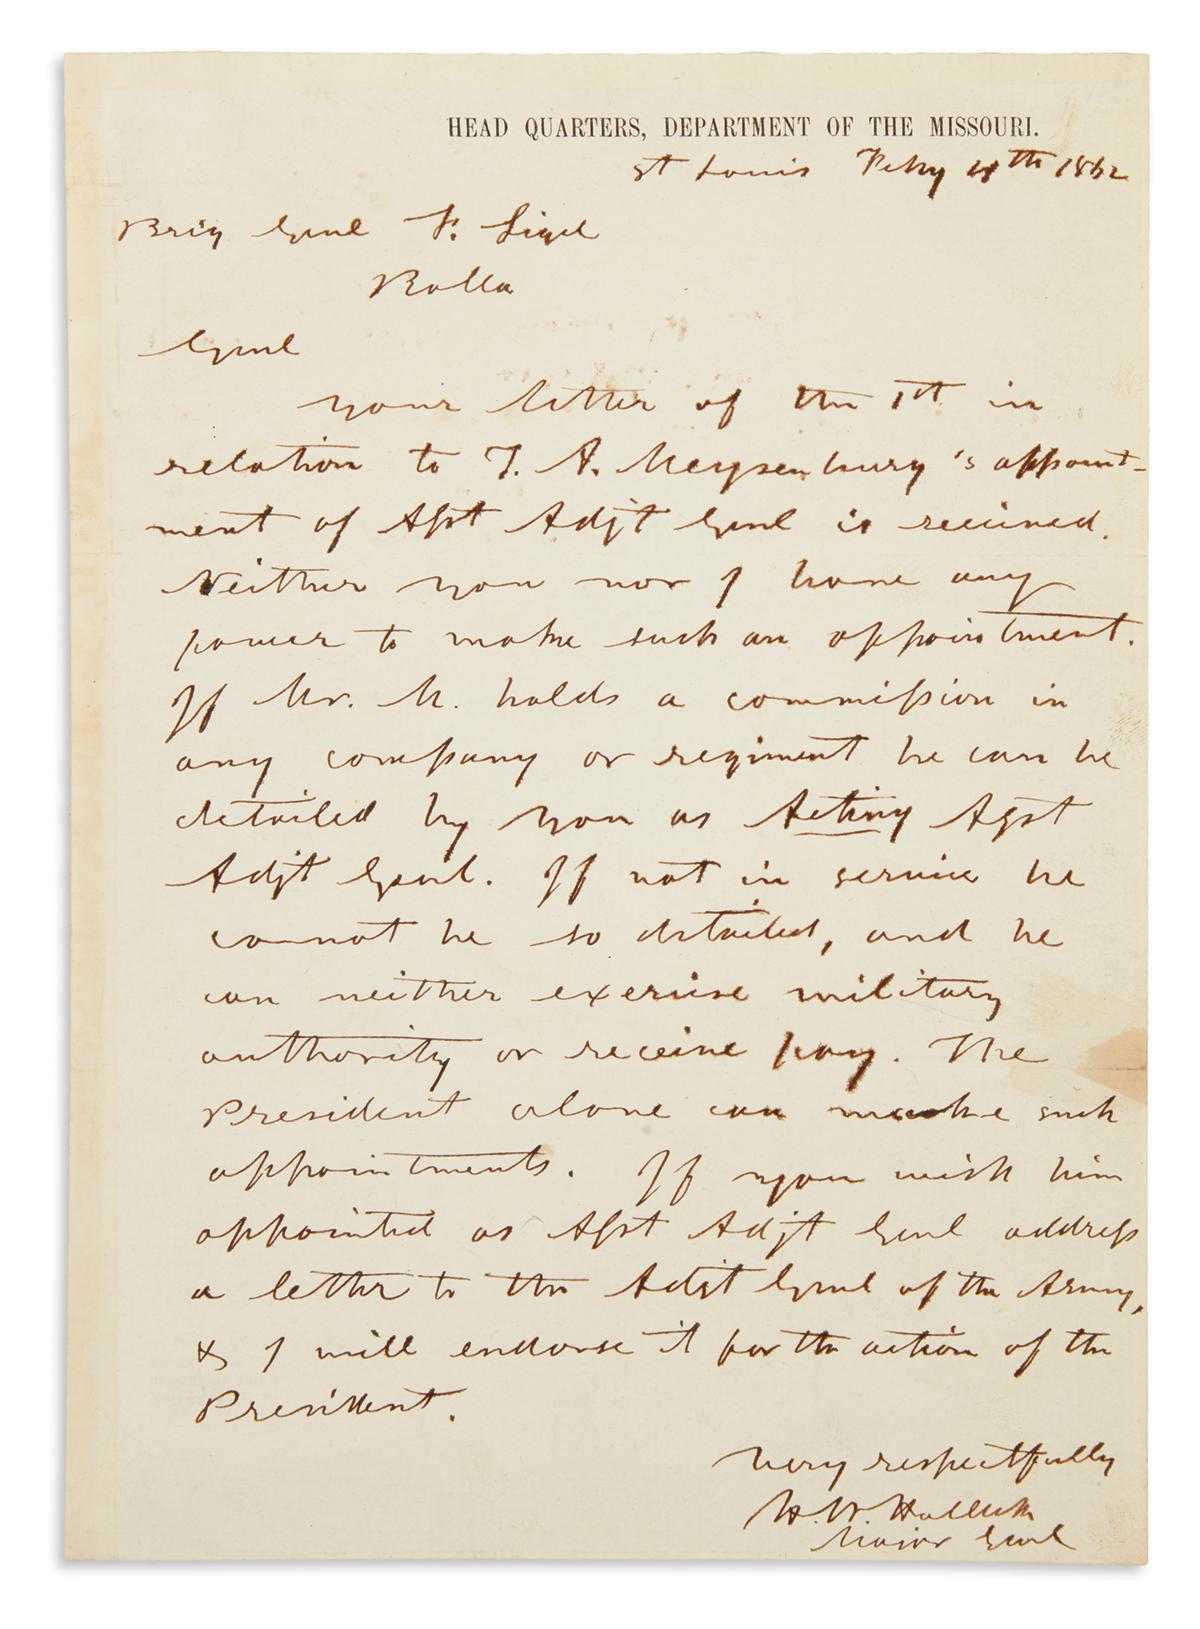 (CIVIL WAR.) HALLECK, HENRY W. Autograph Letter Signed, H.W. Halleck / Major Genl, to General Franz Sigel,